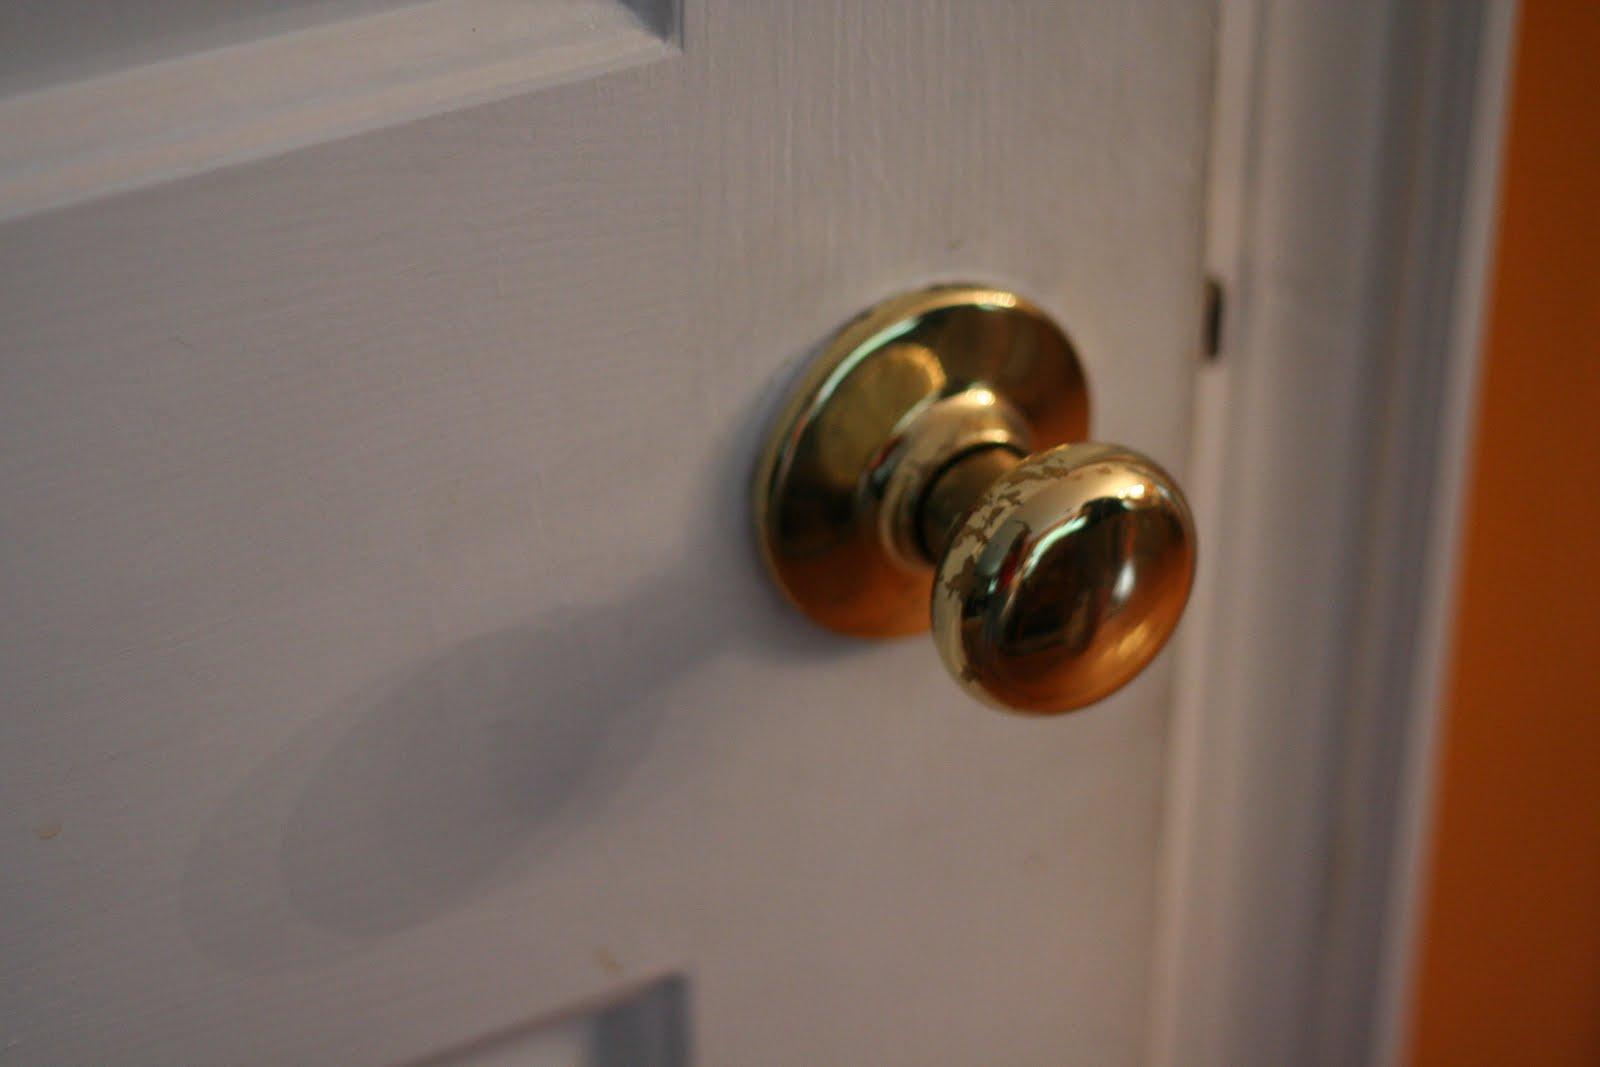 replacing door knob photo - 4